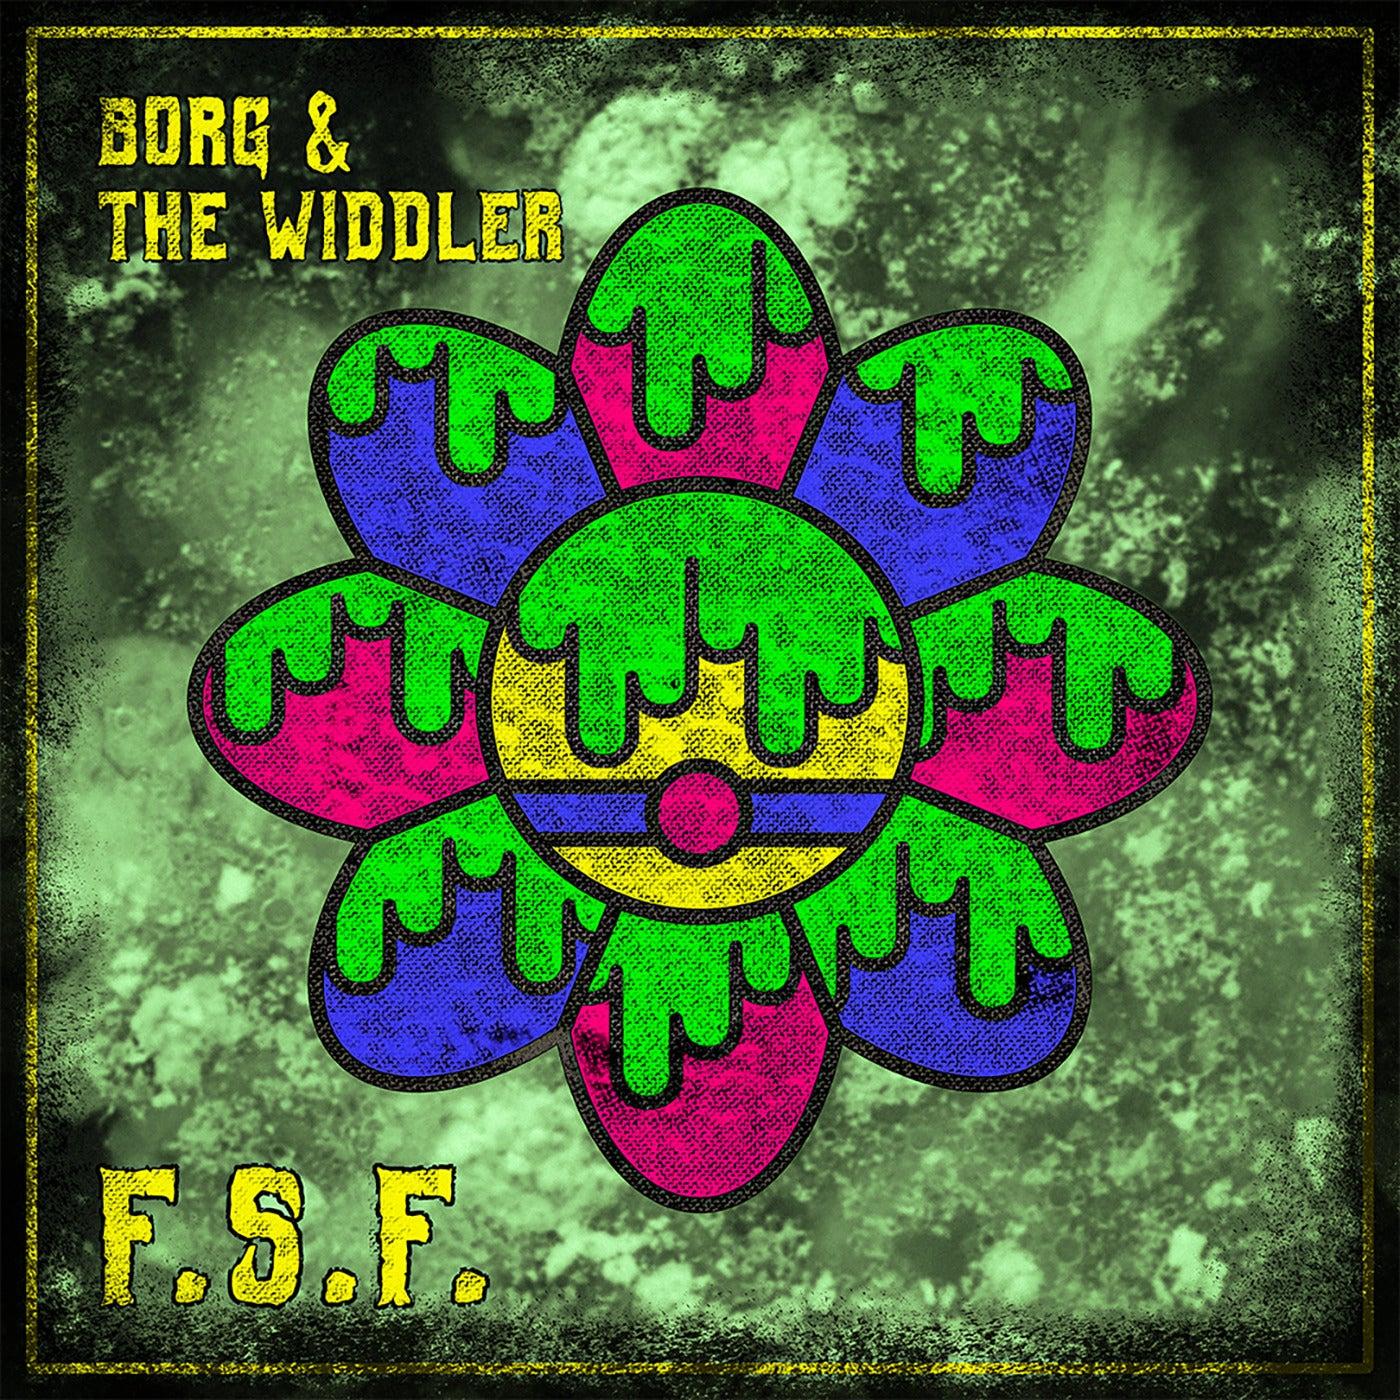 Flower Scum Fuck feat. The Widdler (The Widdler Remix)